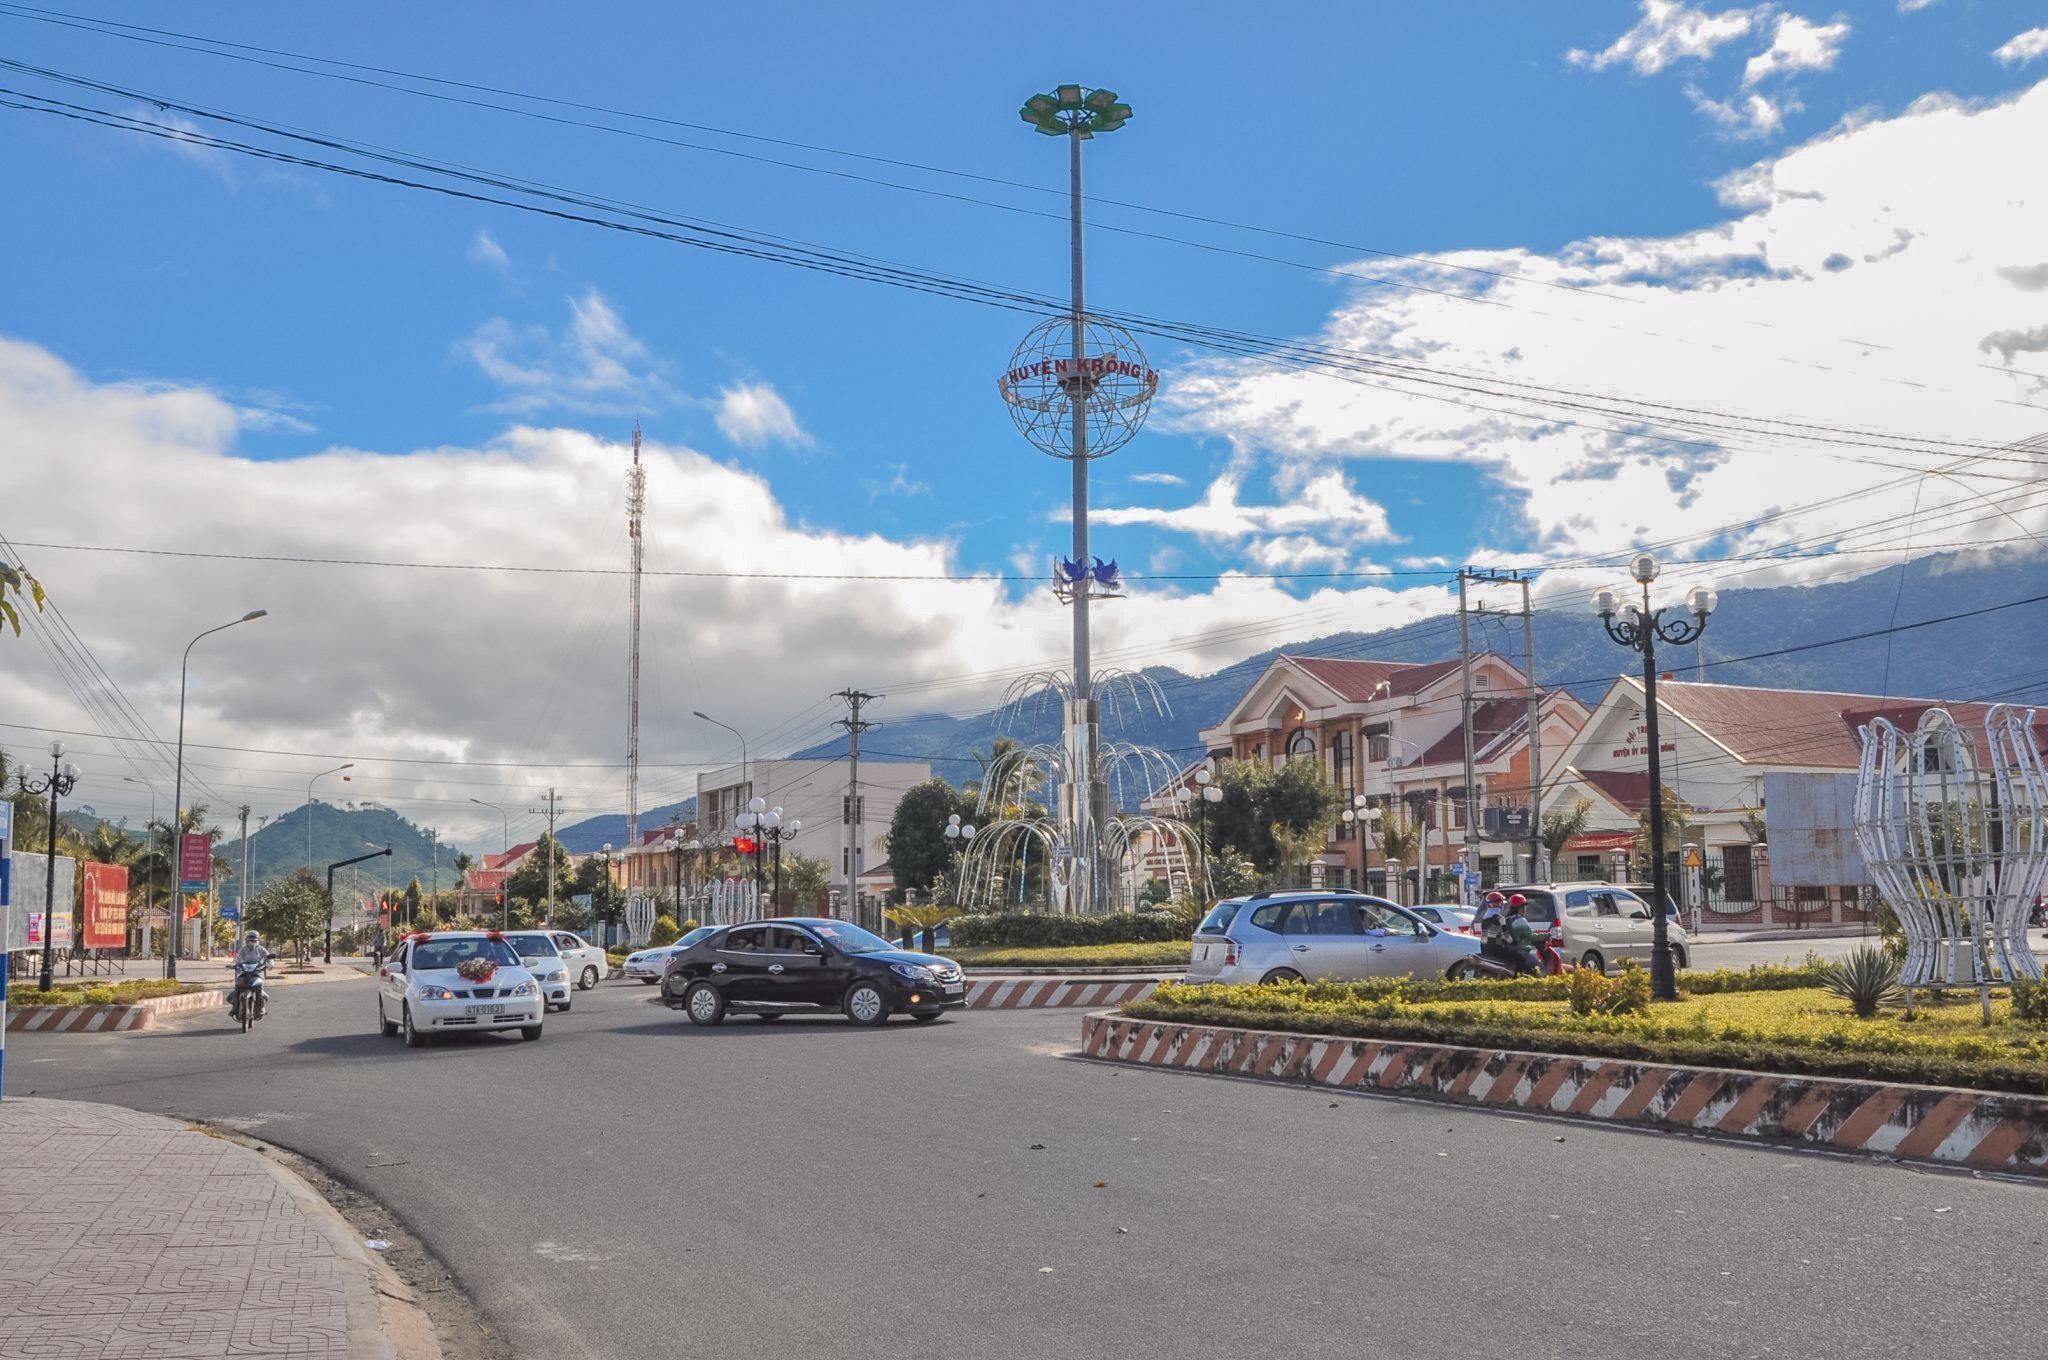 Trung tâm huyện Krông Bông ngày càng văn minh, hiện đại